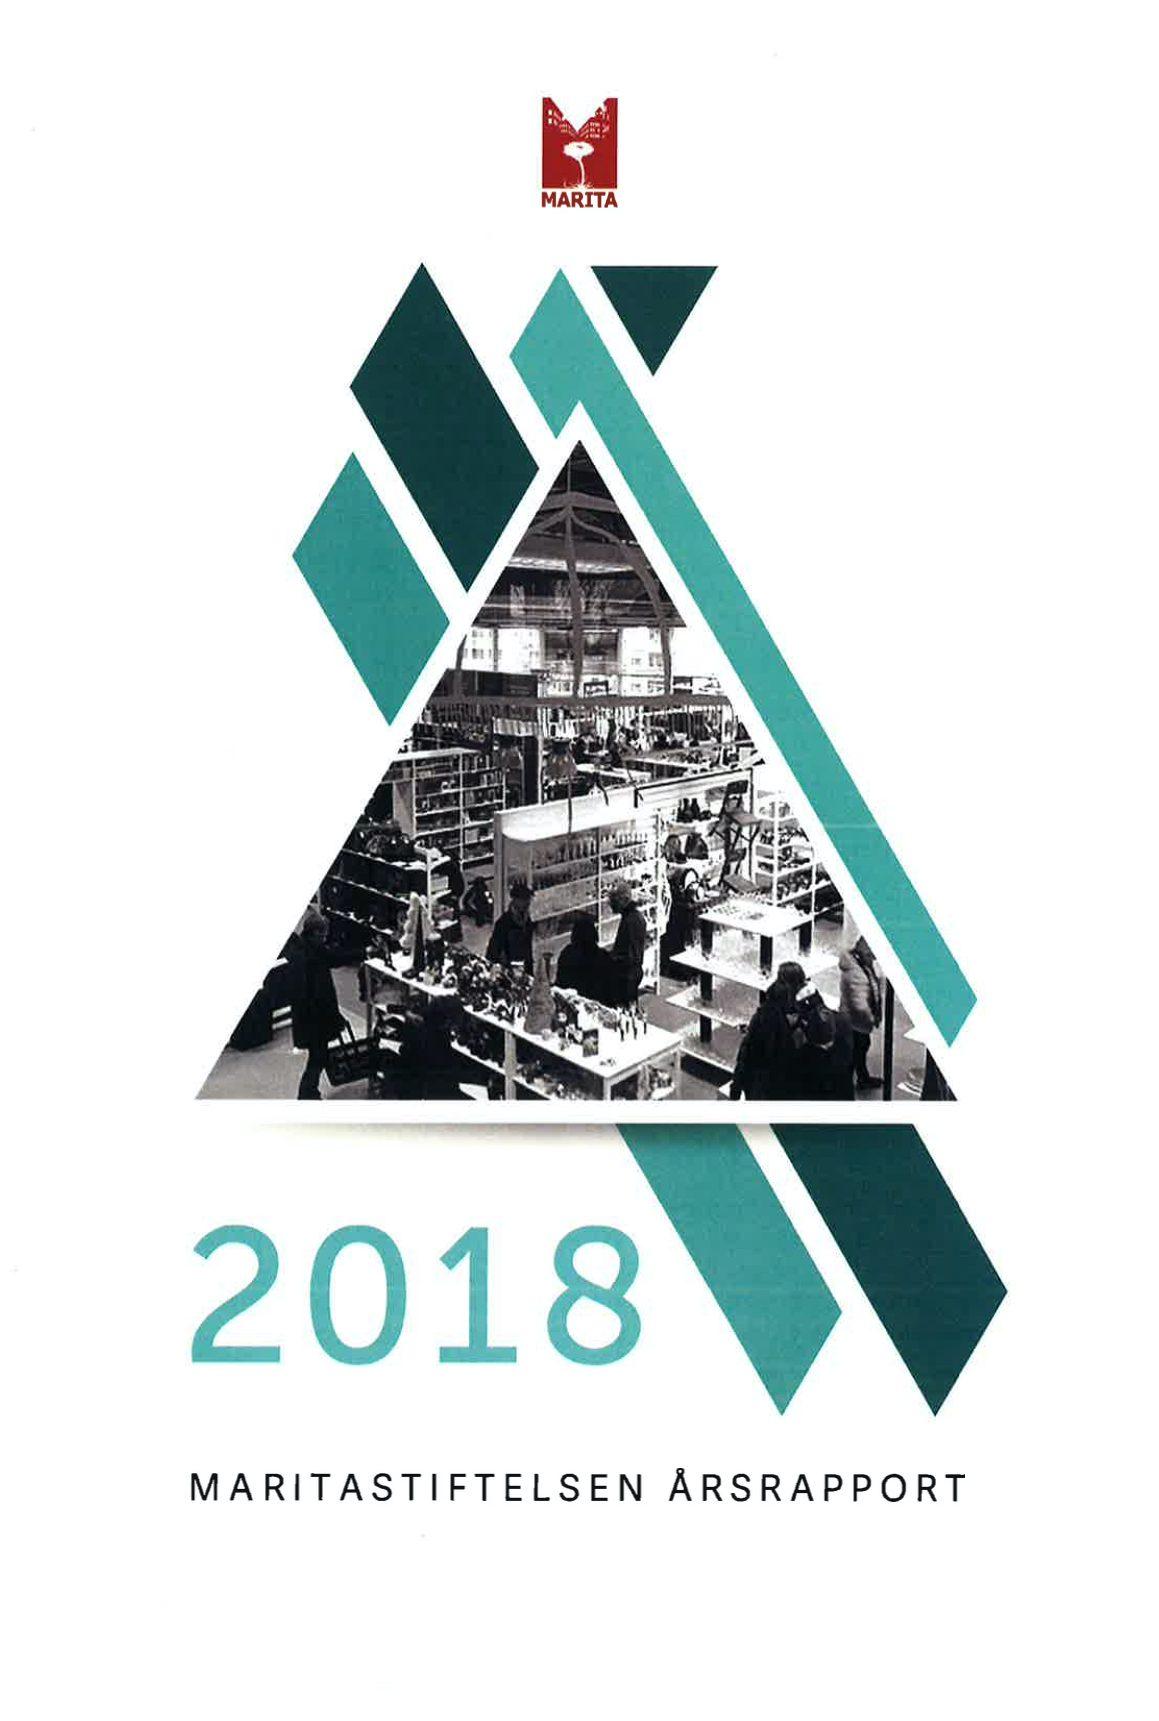 2018 Marita årsrapport